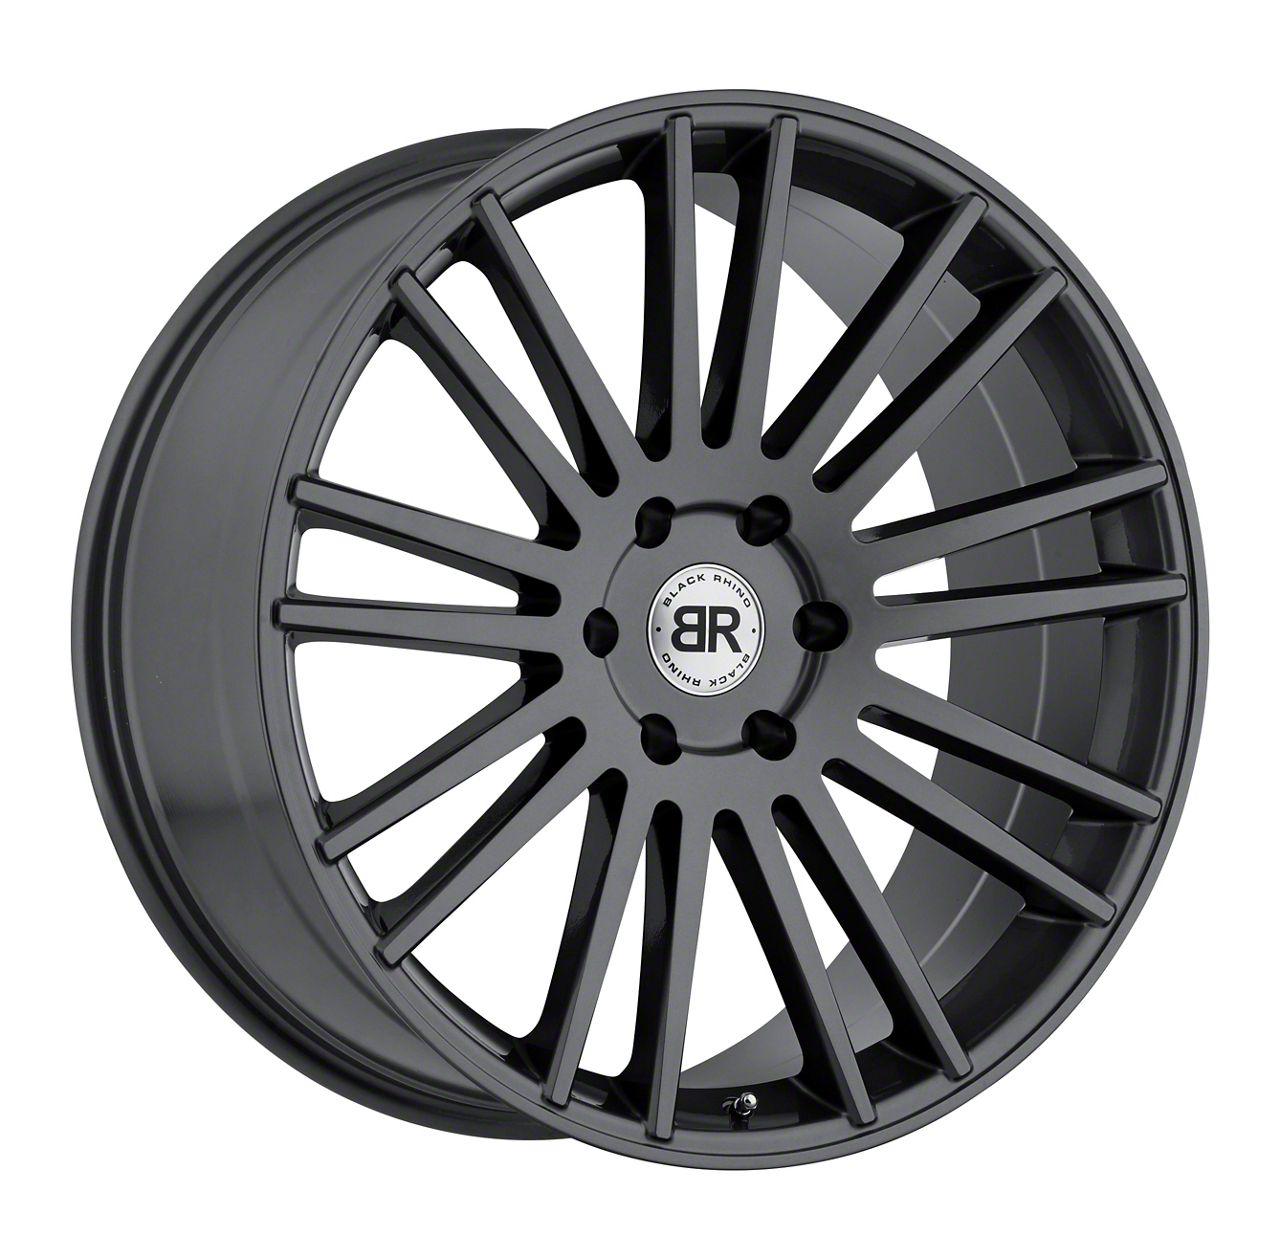 Black Rhino Karoo Gloss Gunmetal 6-Lug Wheel - 24x10 (99-19 Silverado 1500)